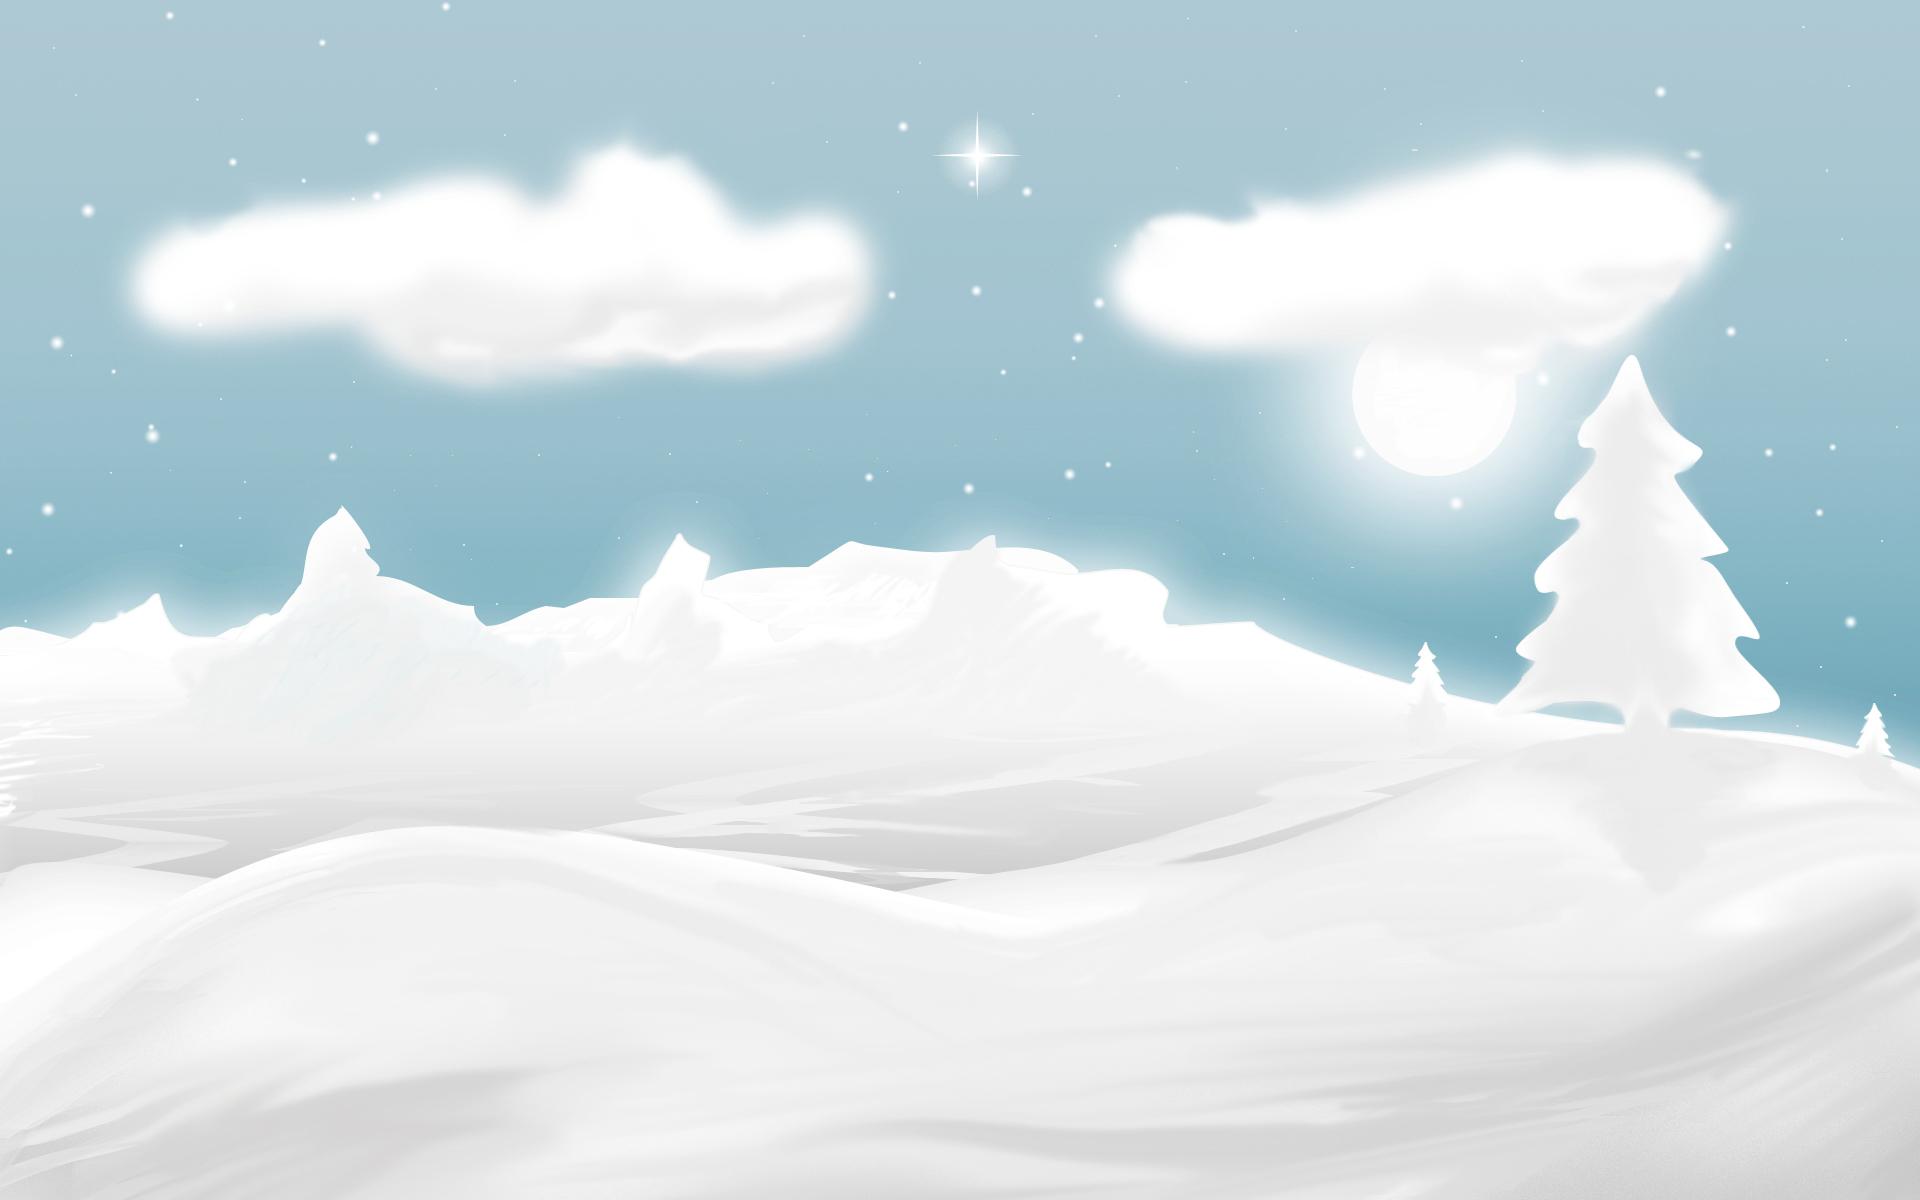 Dibujo de nieve y navidad - 1920x1200